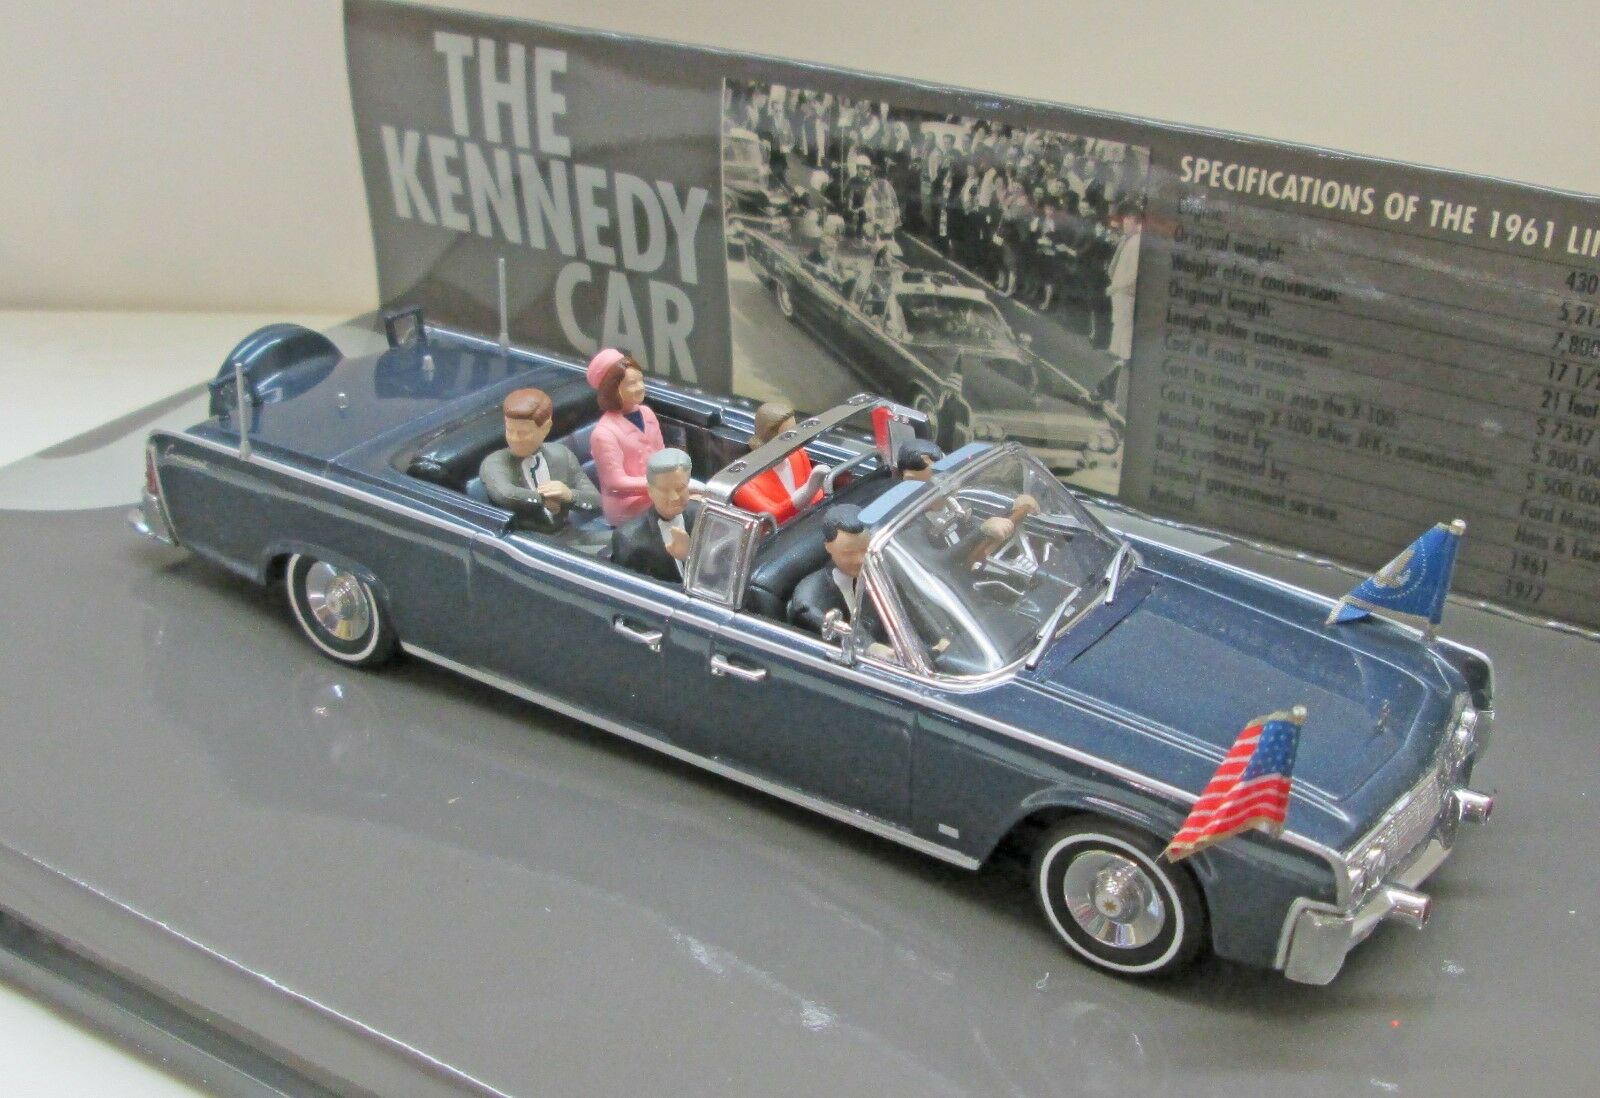 Mettre Mettre Mettre la réduction jusqu'au bout MINICHAMPS 086100 Lincoln Continental 1961 Kennedy Président parade voiture | Commandes Sont Les Bienvenues  935667